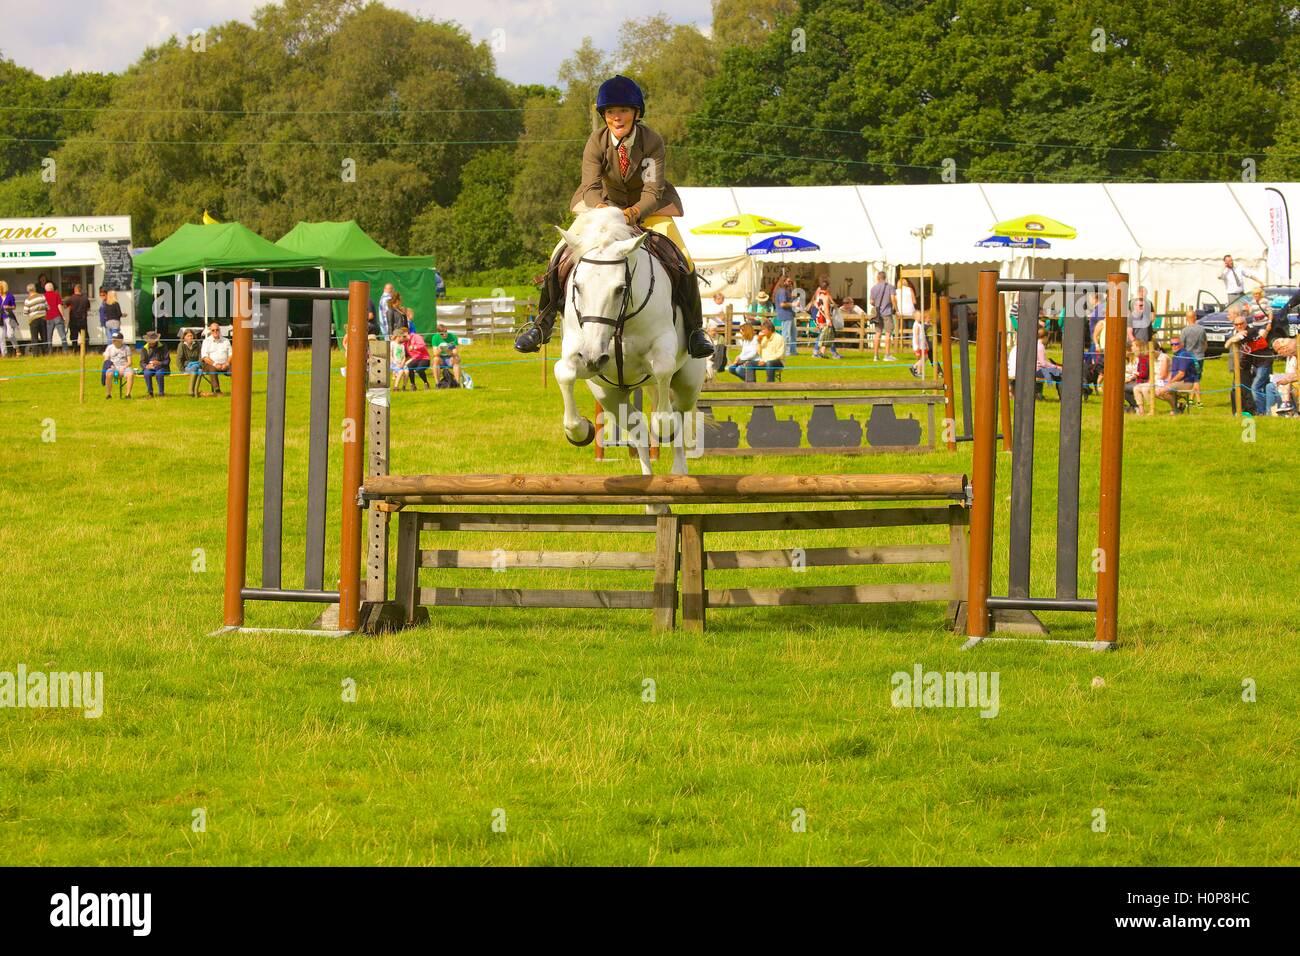 Ragazza in sella ad un cavallo show jumping un recinto. Bellingham Show e Country Festival, Bellingham, Northumberland, Immagini Stock